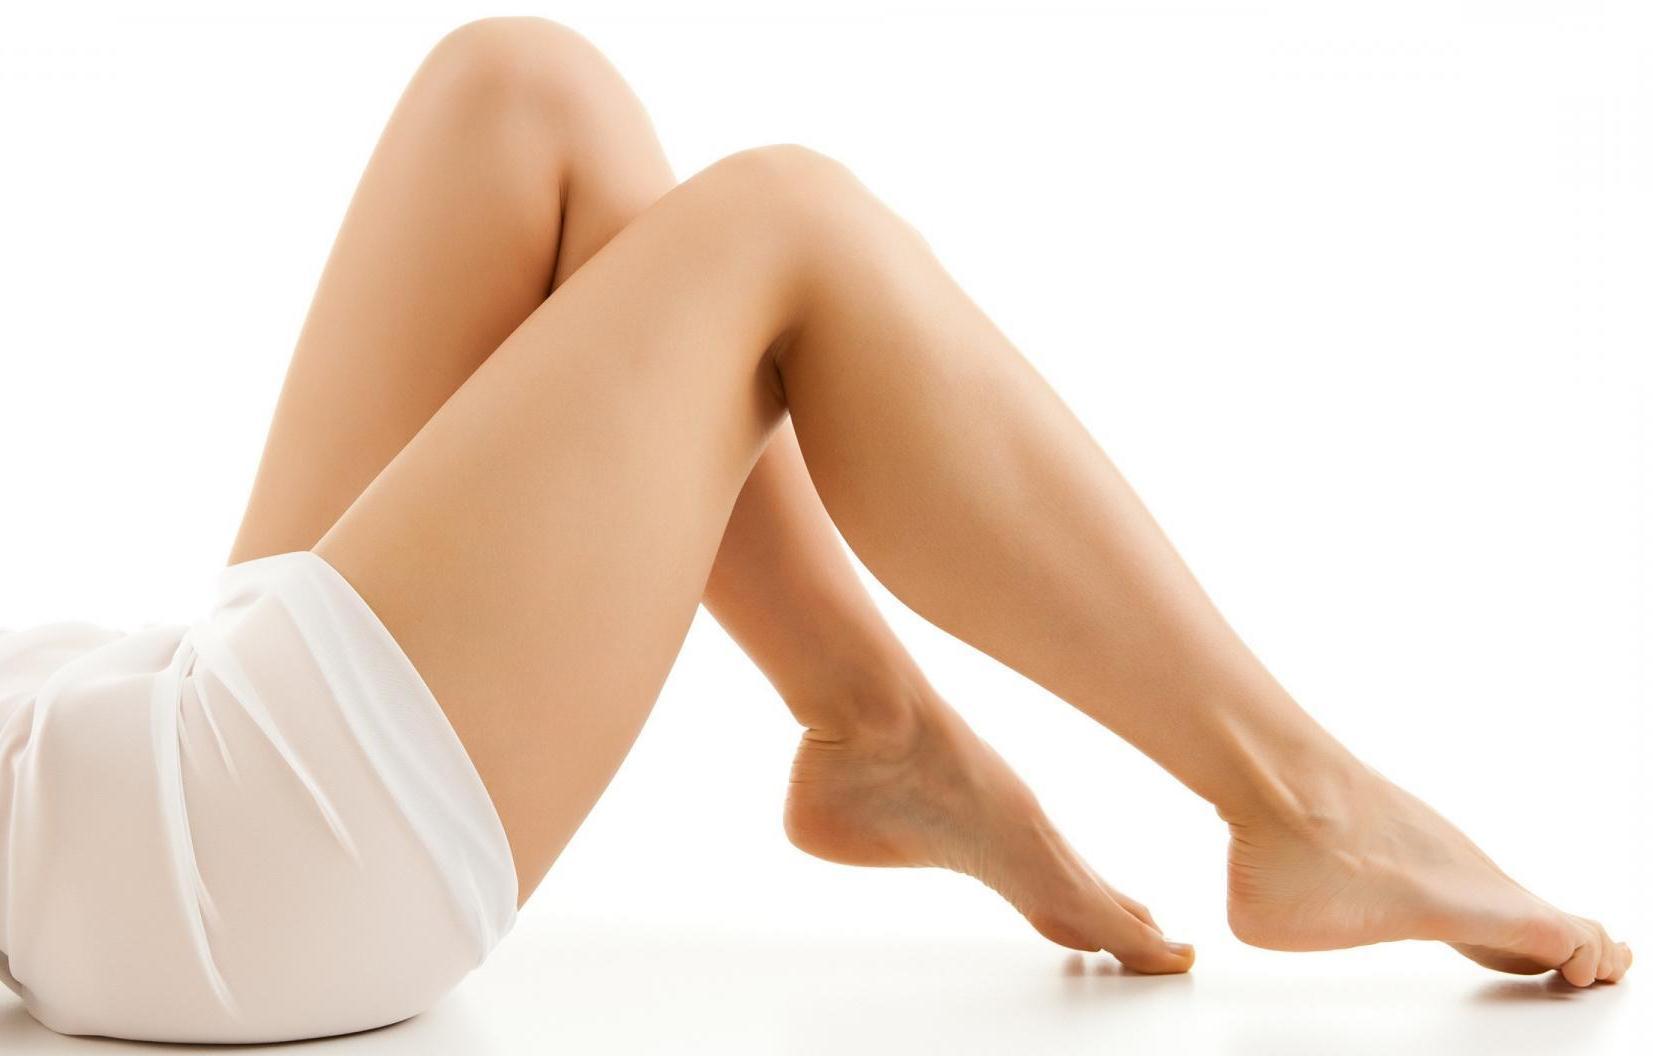 Cимптомы варикоза ног